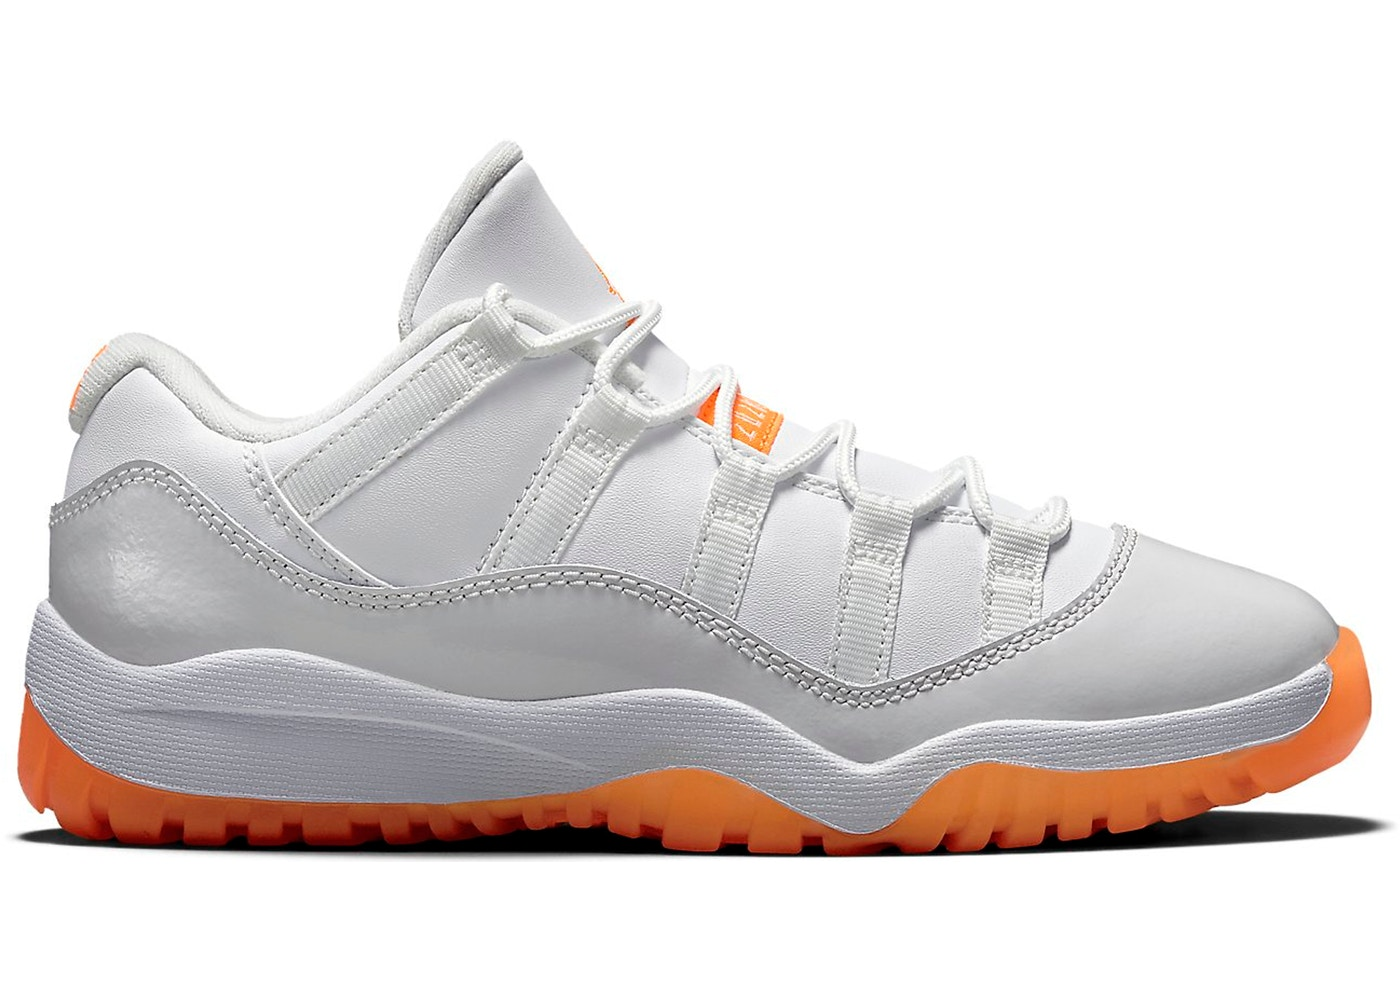 separation shoes 36261 740d9 Jordan 11 Retro Low Citrus 2015 (PS) - 580522-139